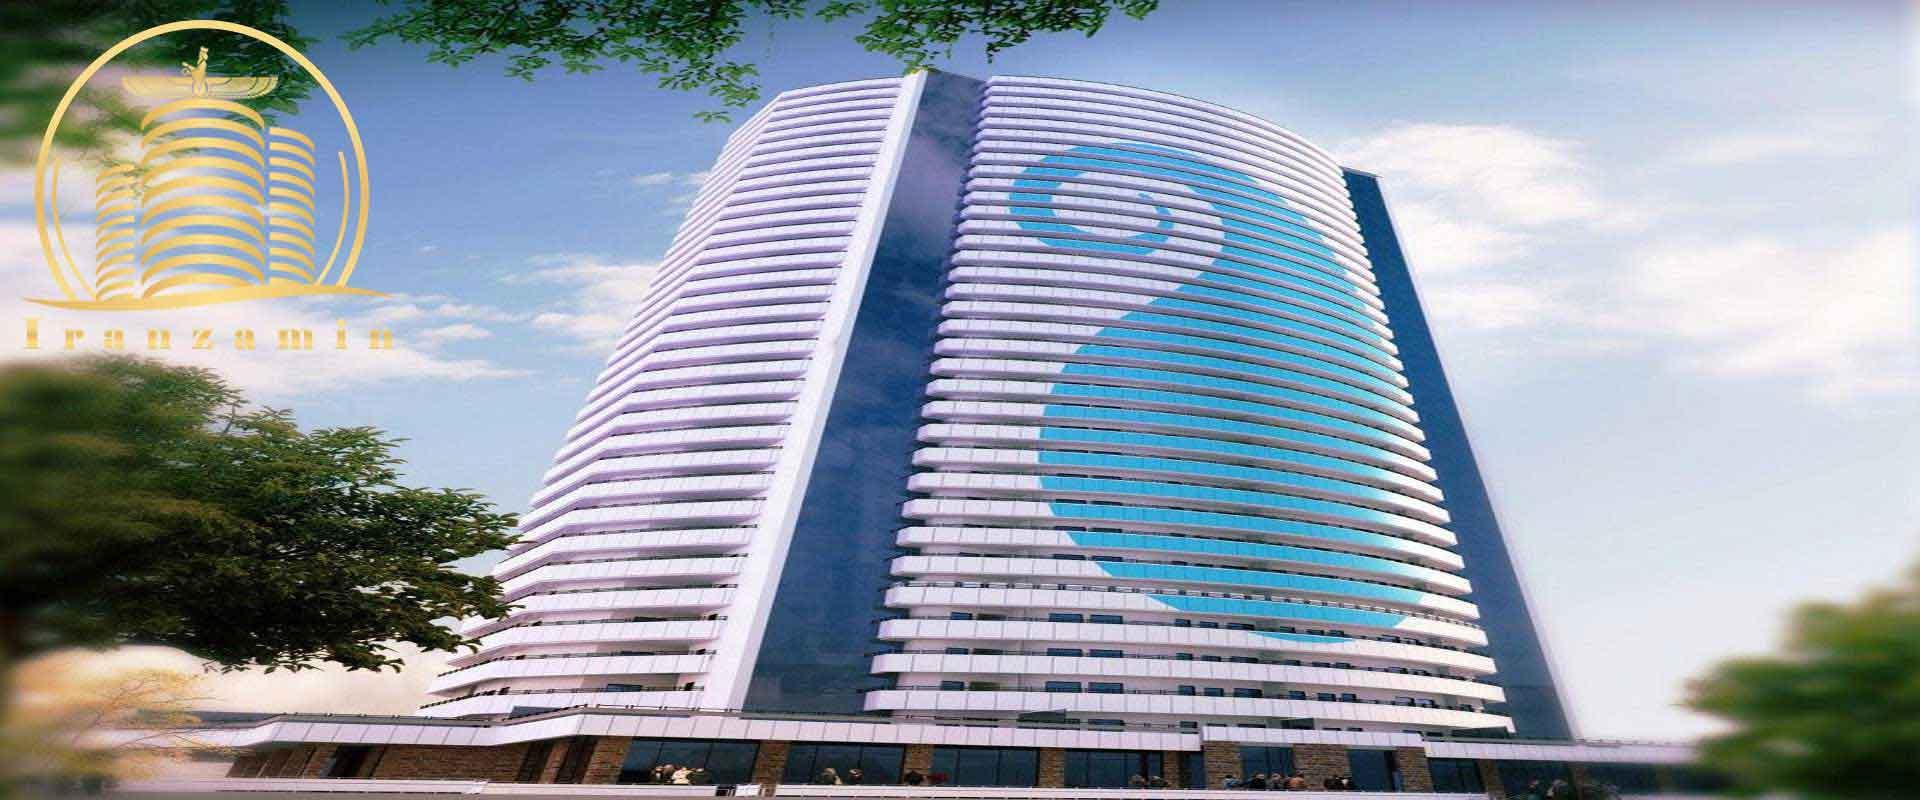 امتیاز پروژه اداره مهندسی نزاجا پهنه c شهرک چیتگر